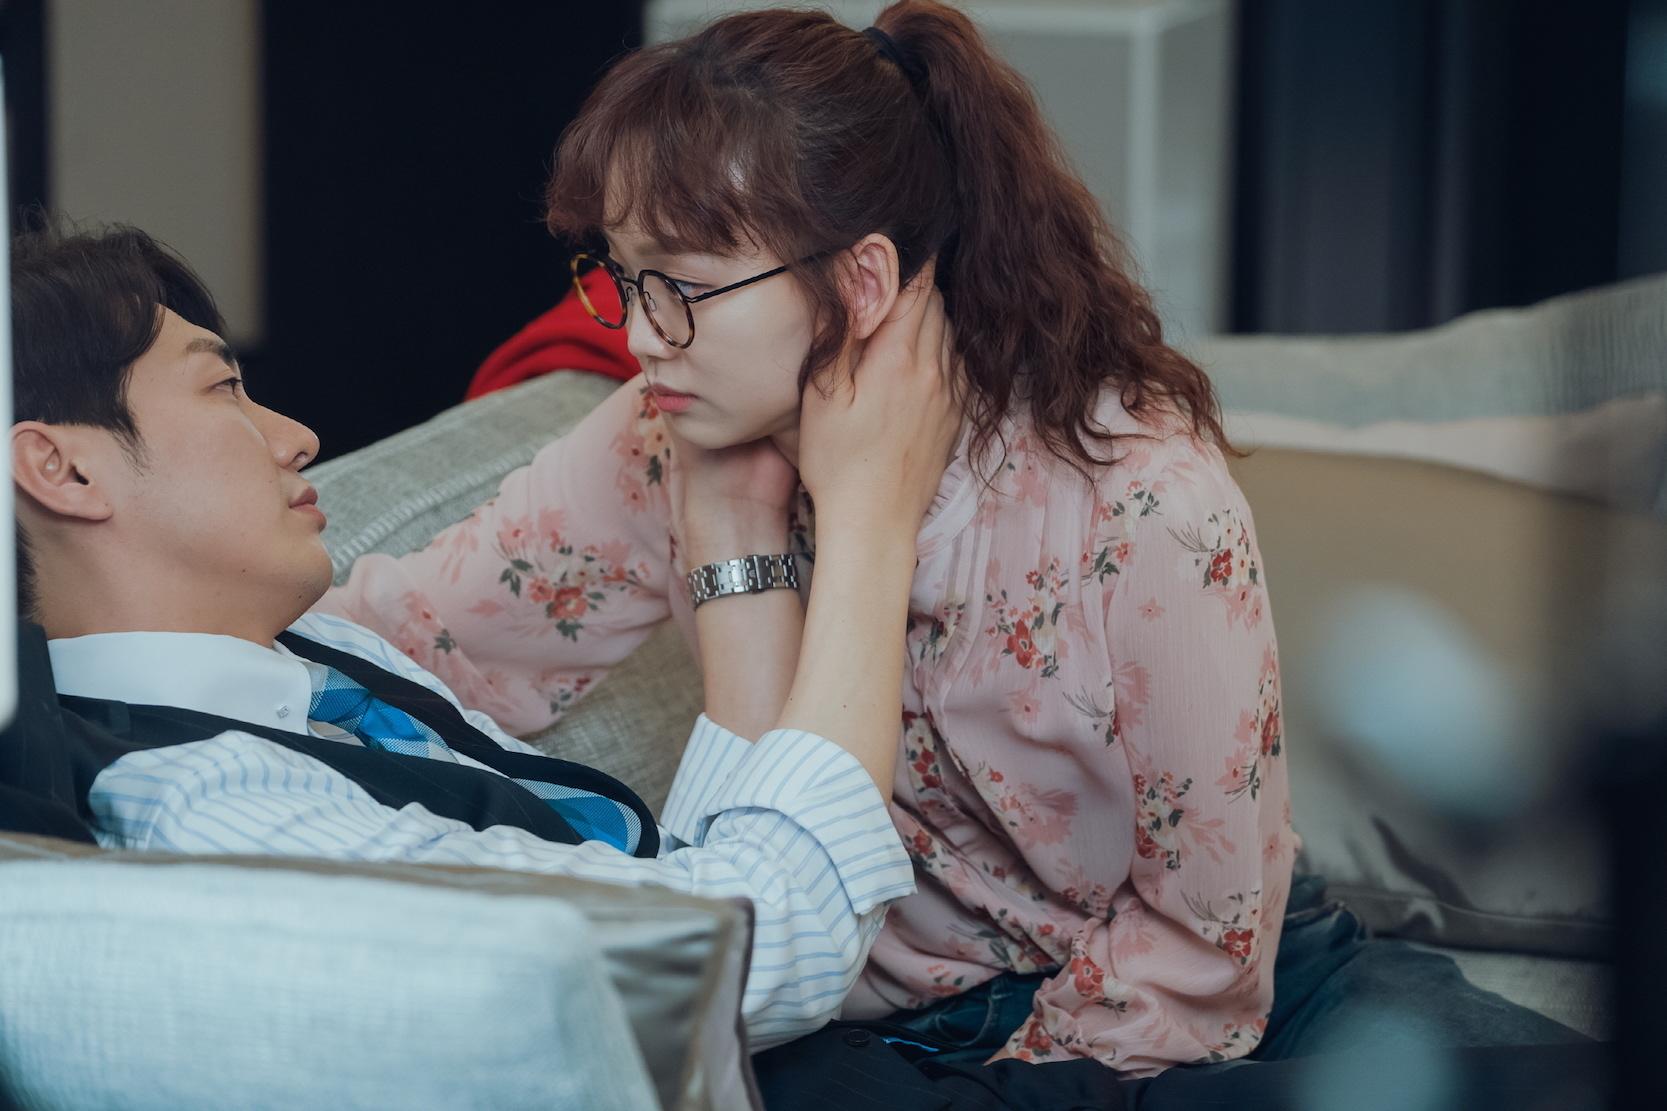 ひたむき秘書のトキメキラブストーリー「初対面だけど愛してます」_3